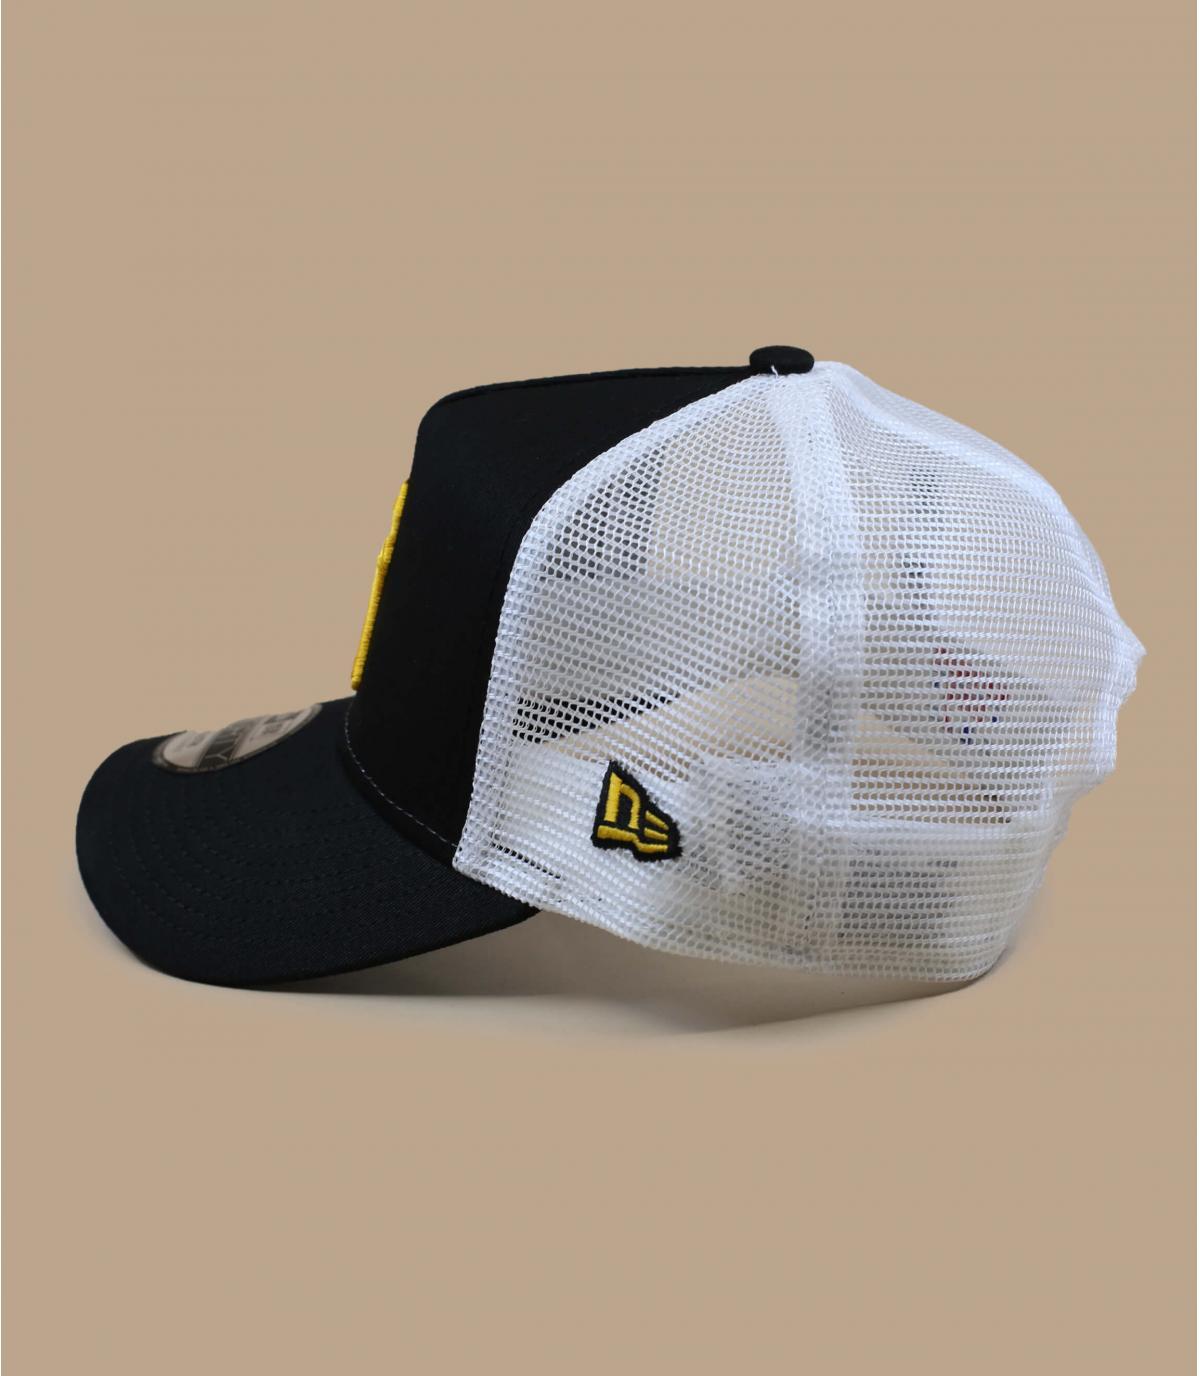 Détails Trucker Kids League Ess NY black yellow - image 2